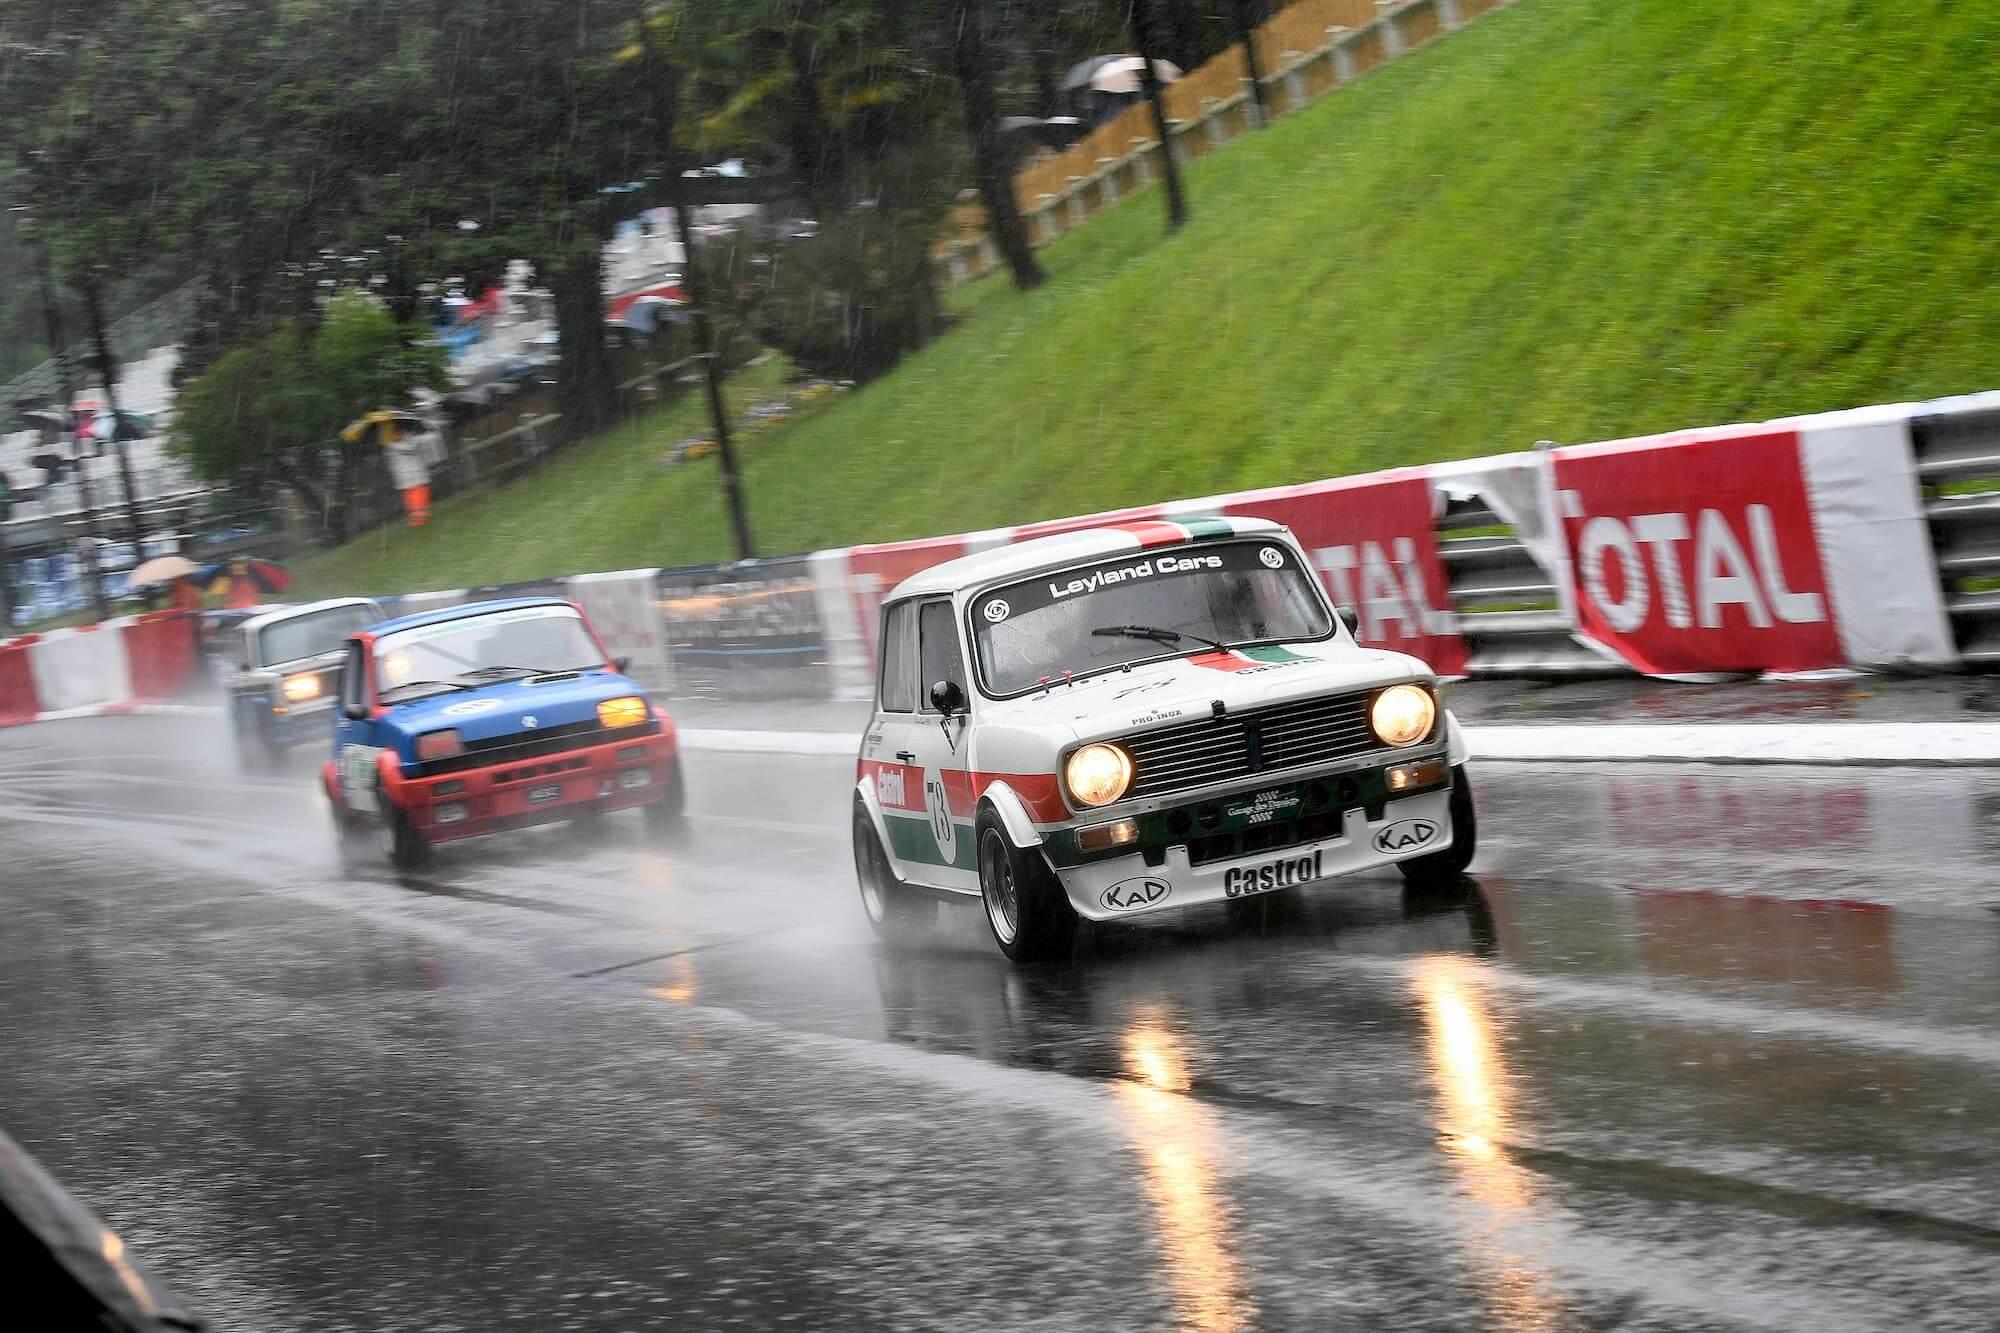 Austin mini 1275 GT - Historic Tour à Pau - Sud de la France